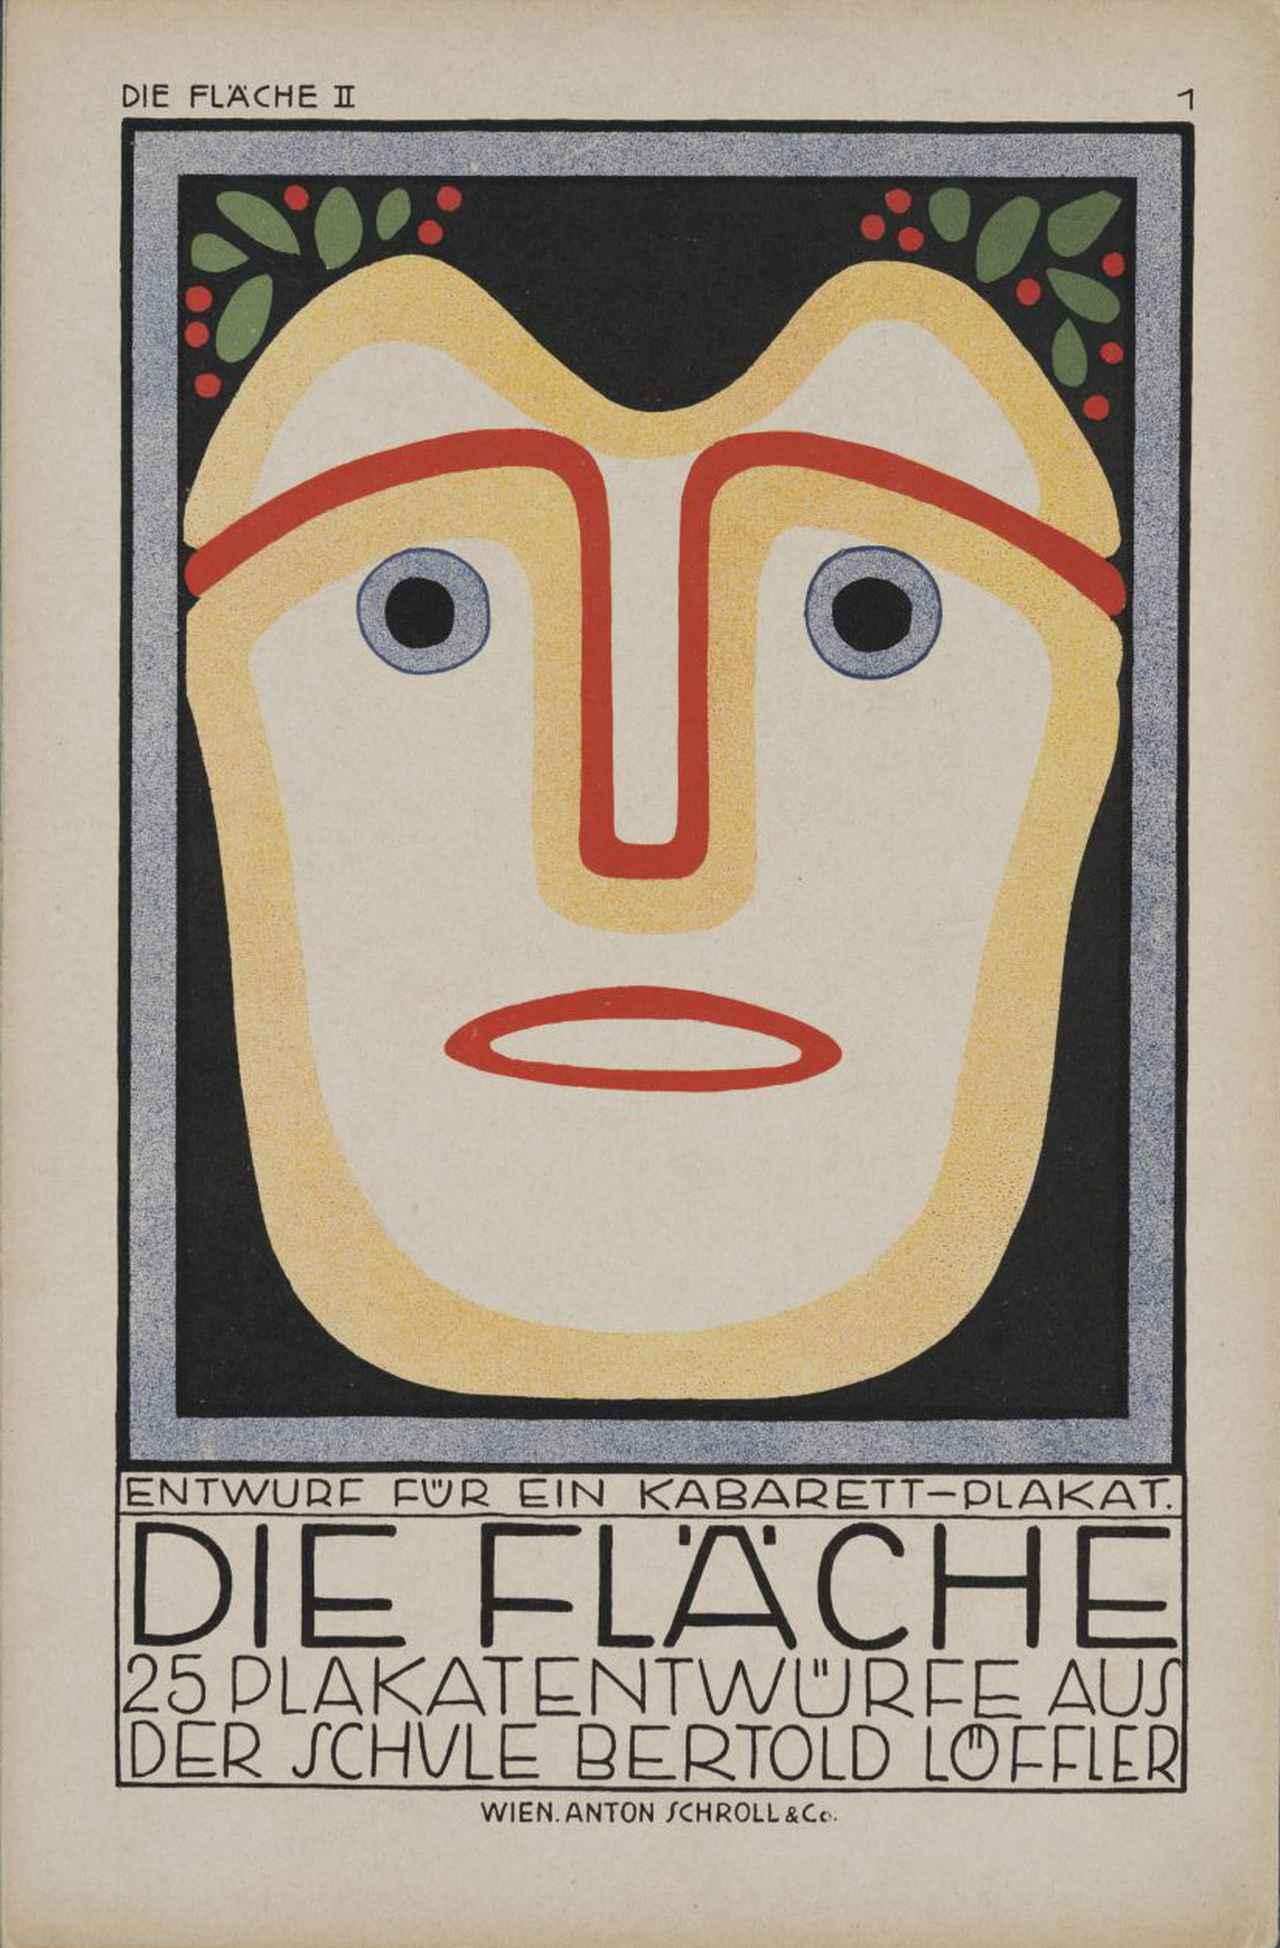 画像: ベルトルト・レフラー(編)『ディ・フレッヒェ(平面)-装飾デザイン集 第Ⅱ巻』1910/11年 京都国立近代美術館所蔵